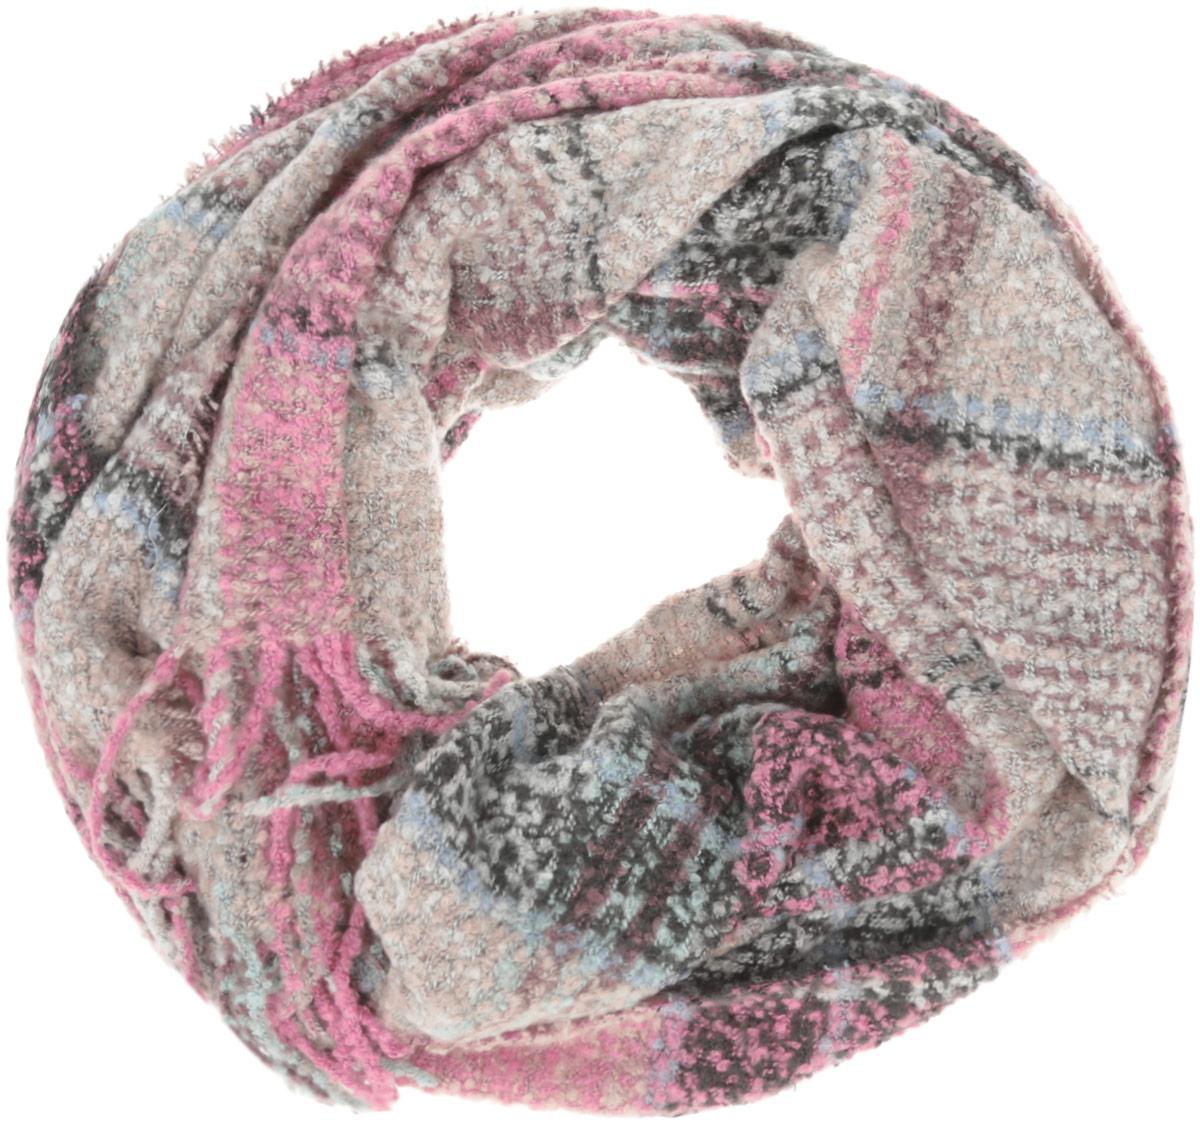 Шарф женский Sela, цвет: черный, розовый, кремовый. SCw-142/465-6404. Размер 180 см x 64 смSCw-142/465-6404Восхитительный женский вязаный шарф Sela - отличная модель для зимней погоды. Выполненный из полиэстера, он прекрасно сохраняет тепло и защищает от холода. Шарф связан оригинальным узором и оформлен декоративными кисточками. Такой аксессуар достойно дополнит ваш гардероб.